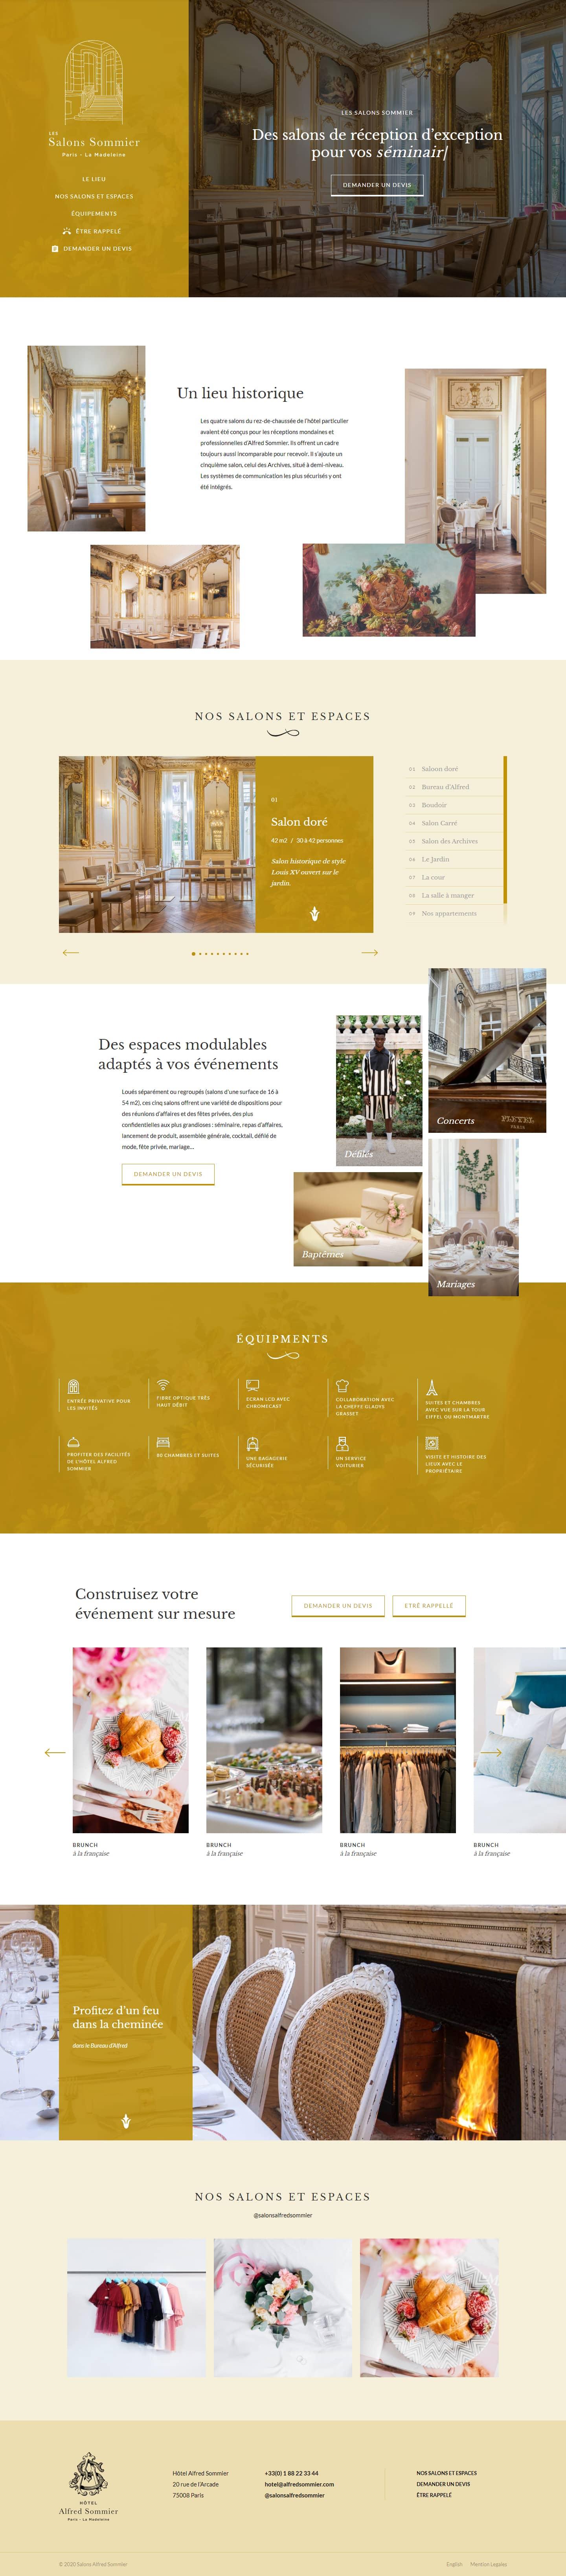 Finsweet Webflow development for Les Salons Sommier